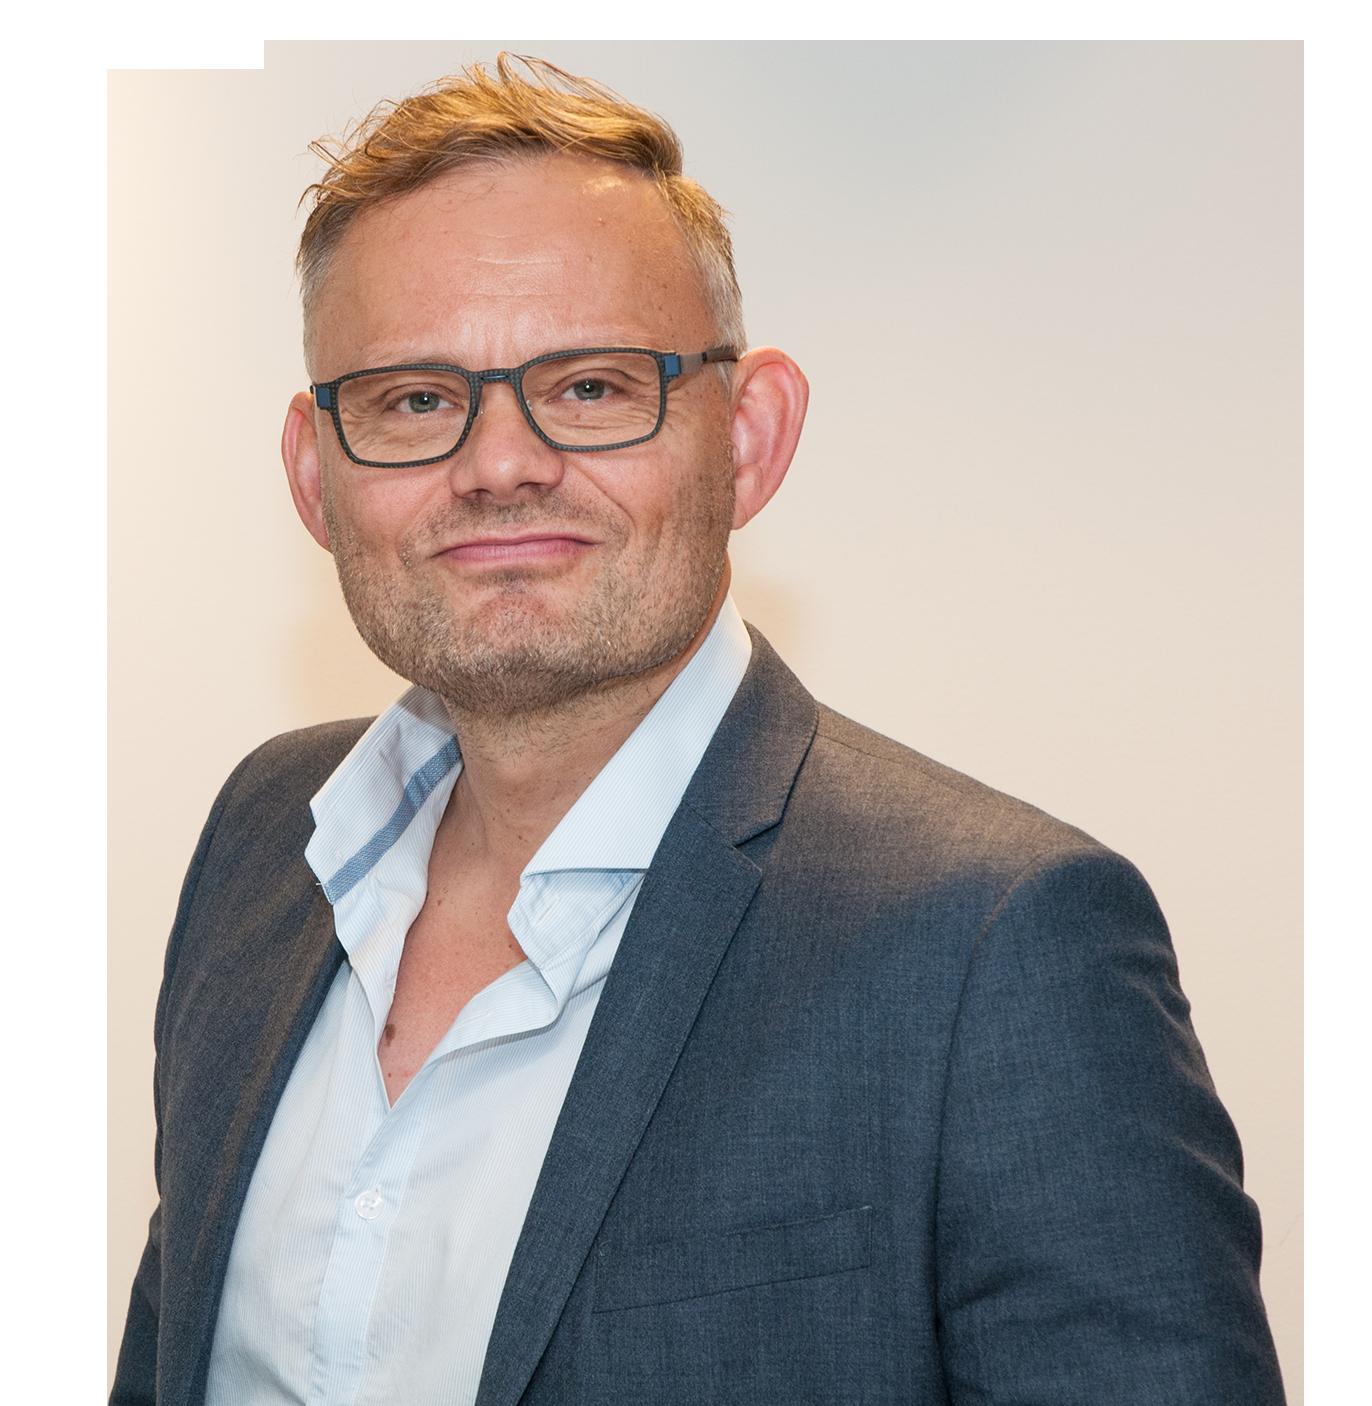 Stig Olstad